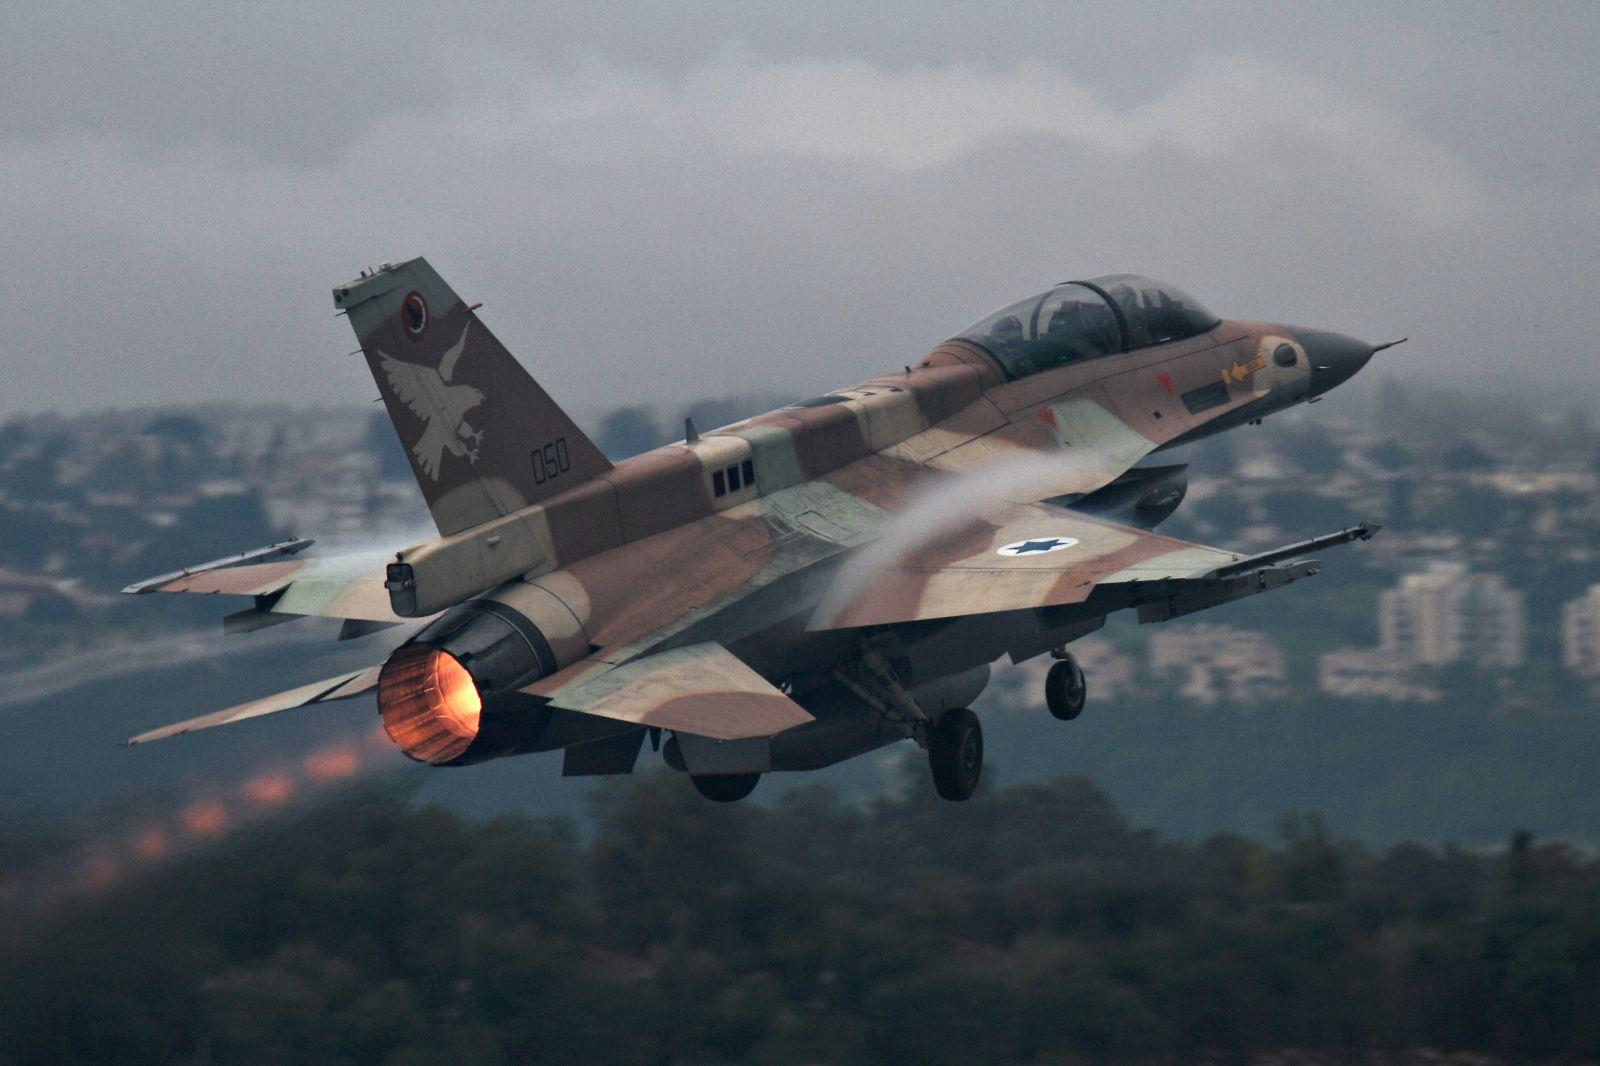 غارة إسرائيلية على قاذفات صواريخ للجيش السوري